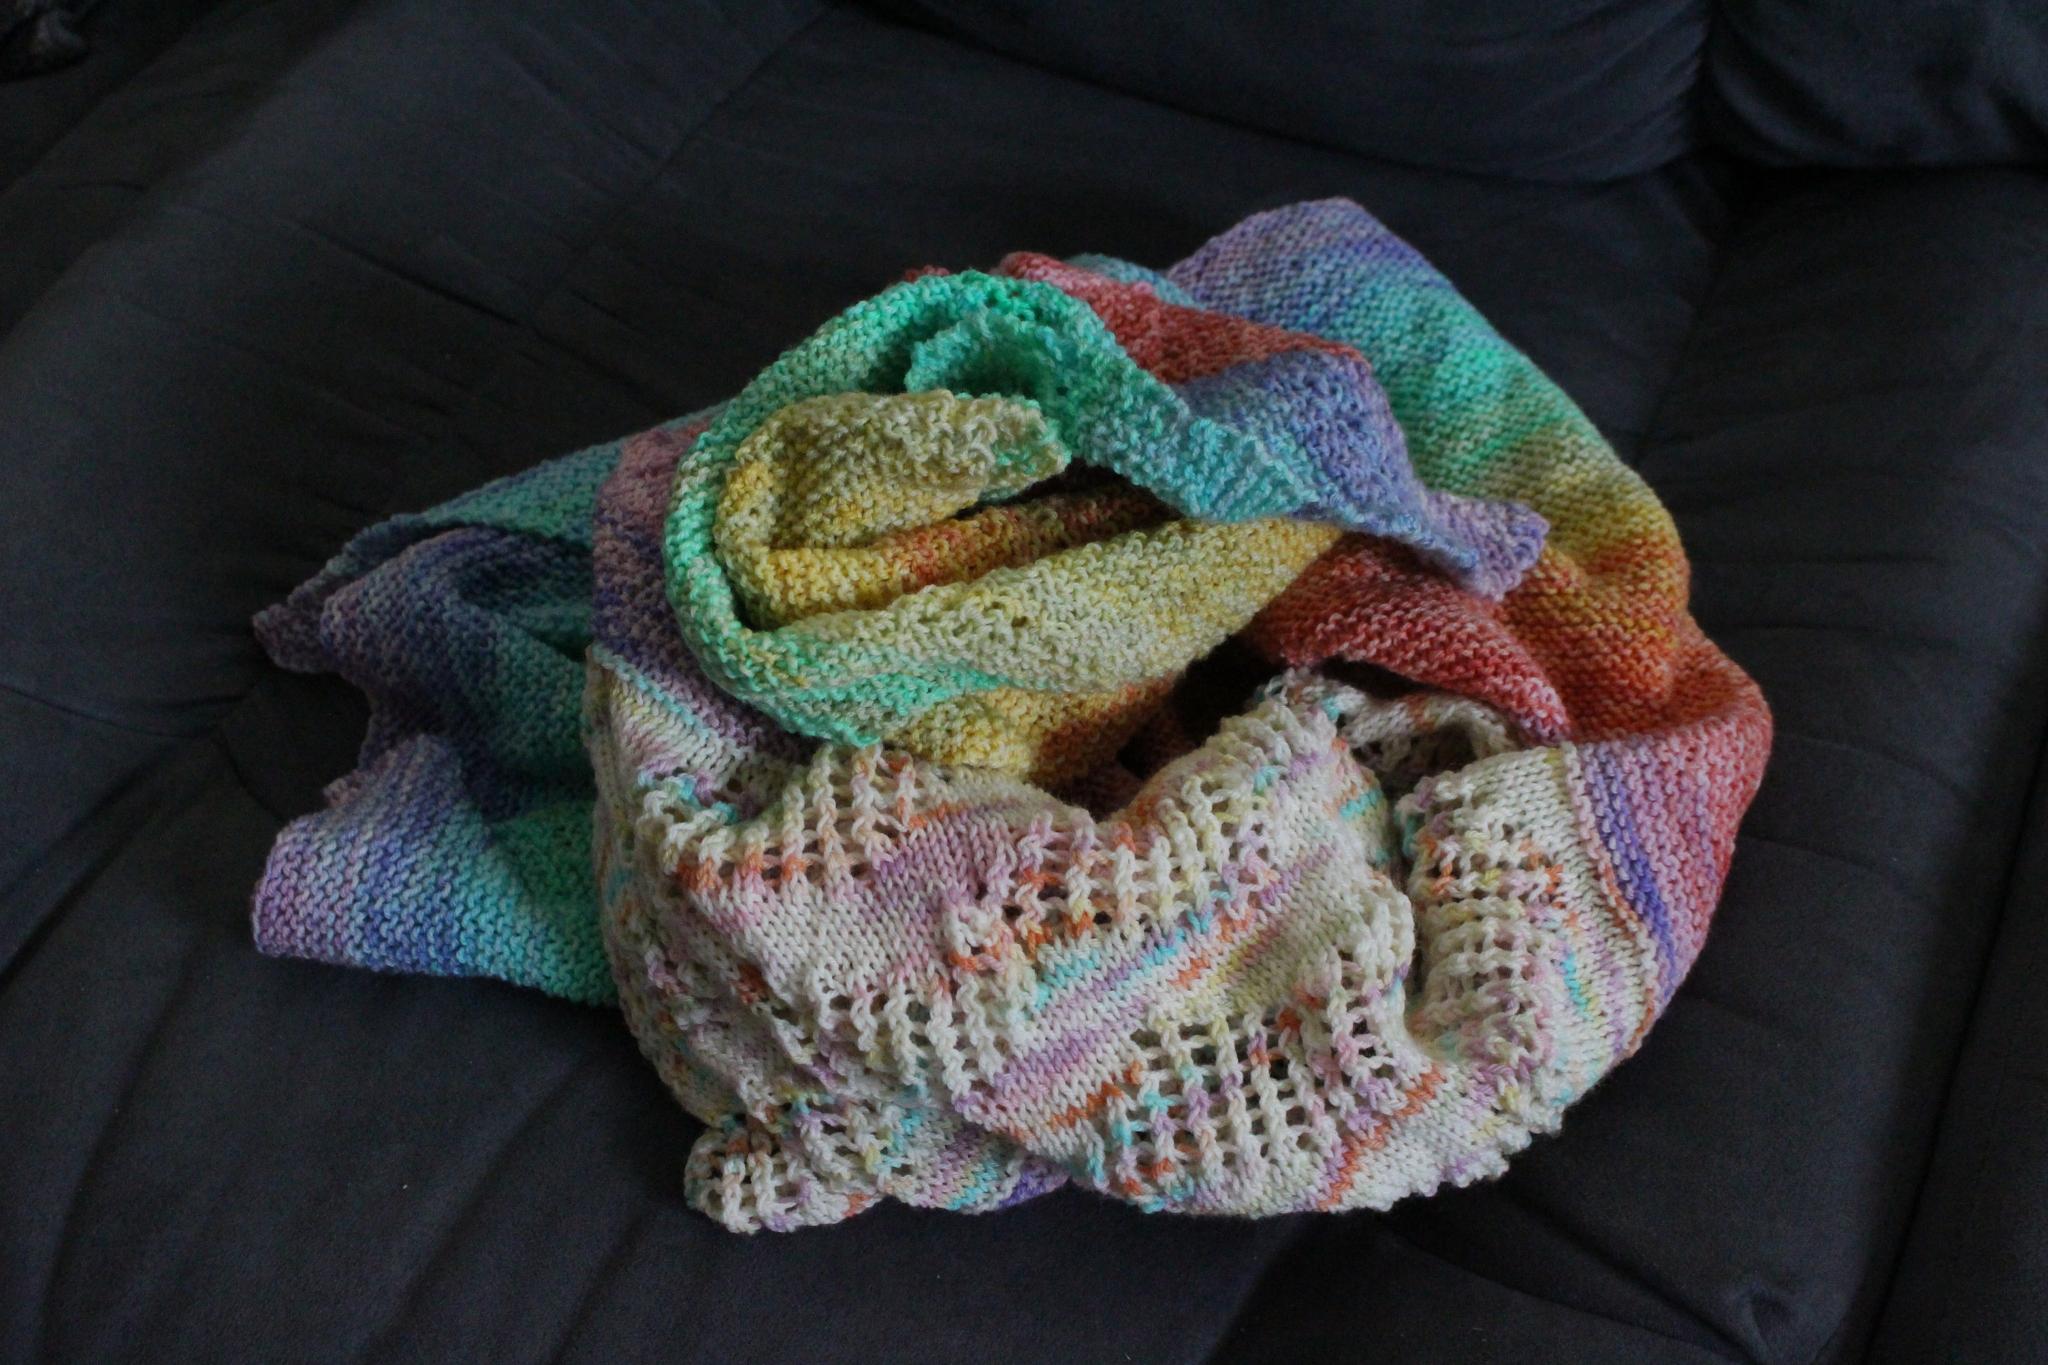 Rainbow of Hope shawl finished